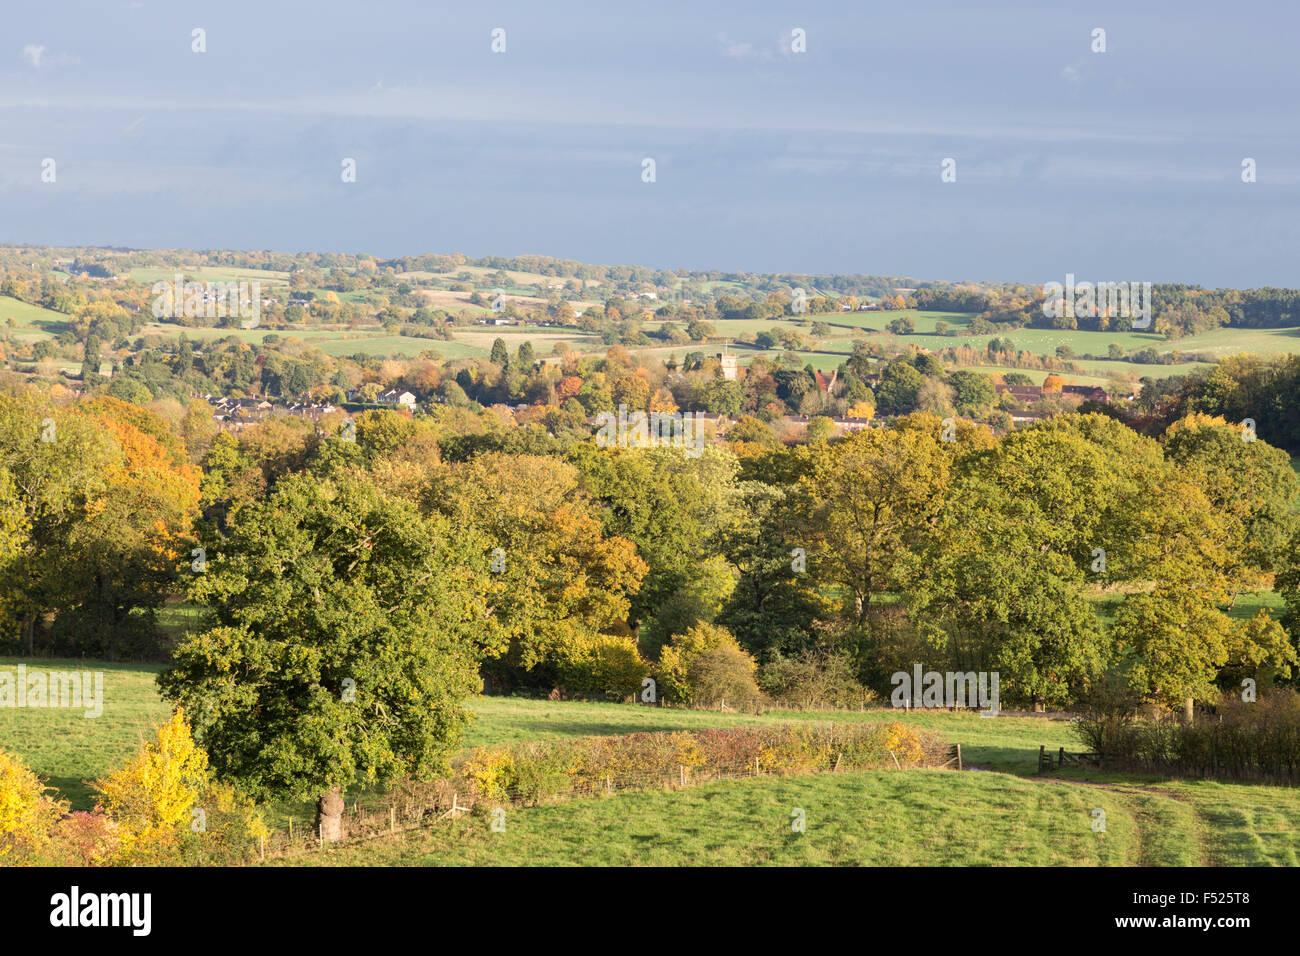 Otoño a través de la aldea de Worcestershire Alvechurch Norte a las afueras de Birmingham, Worcestershire, Imagen De Stock